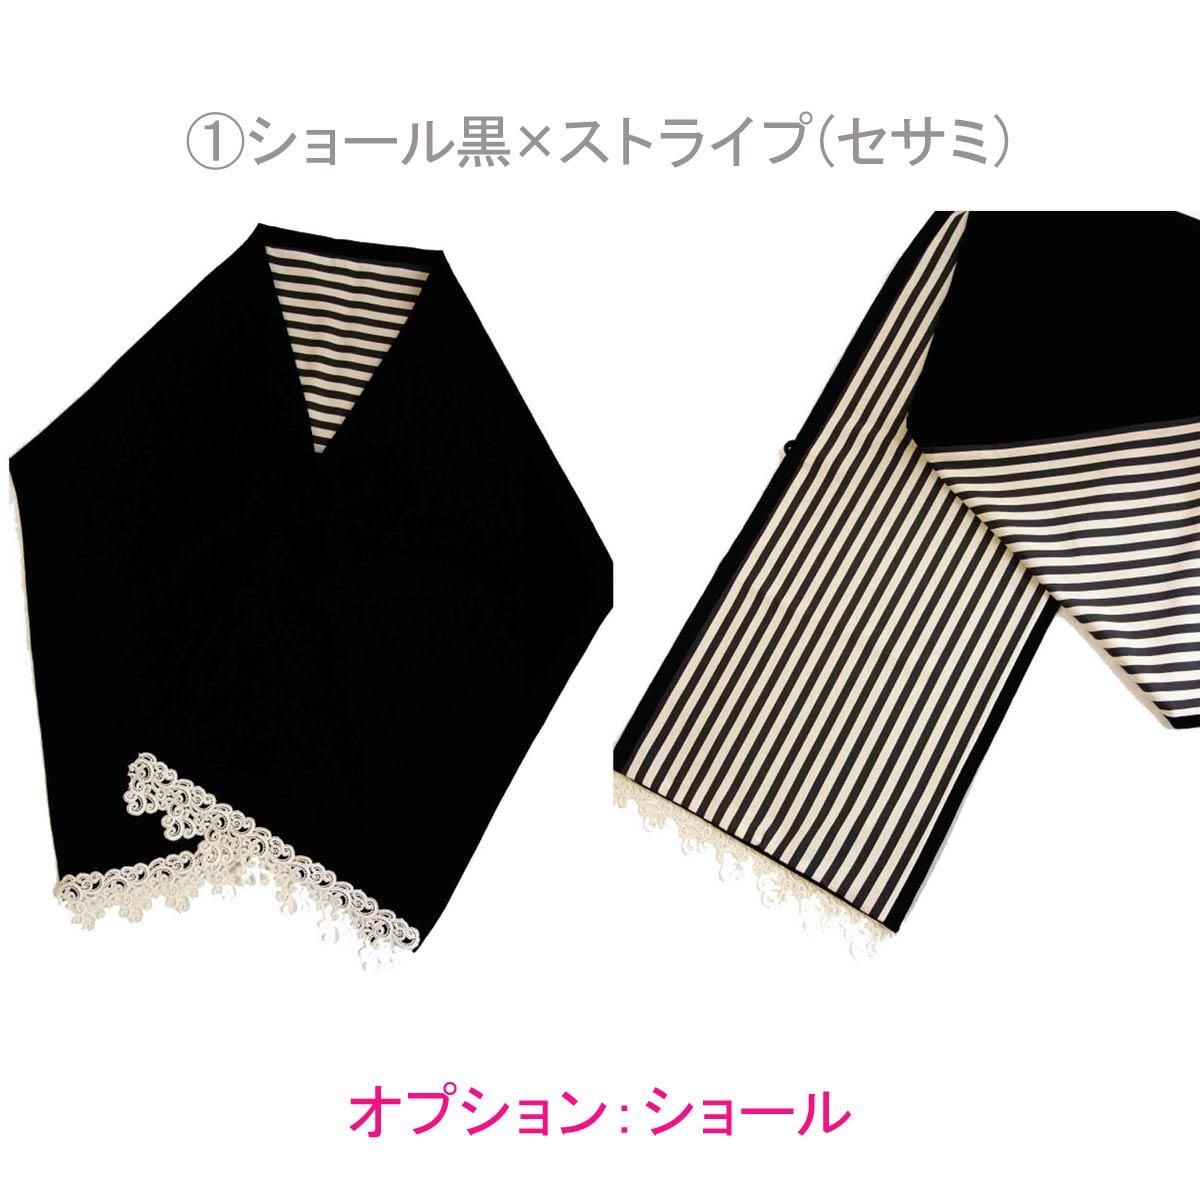 【レンタル】振袖 ミリオンハピネス